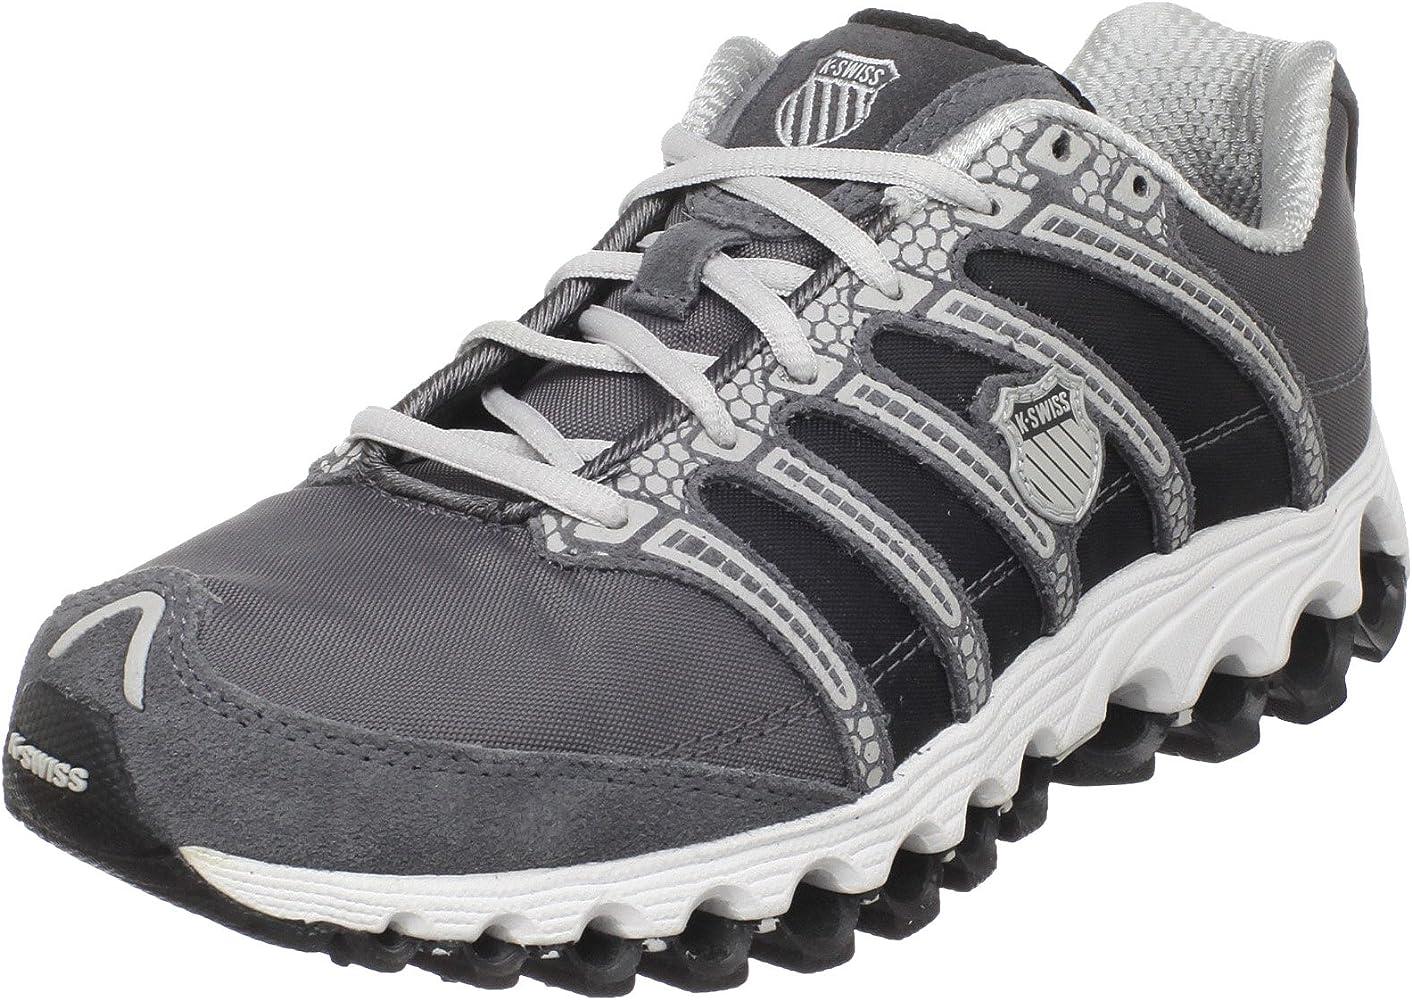 K-Swiss 02661 - Zapatillas de Tenis para Hombre, Color Gris, Talla 39.5: Amazon.es: Zapatos y complementos